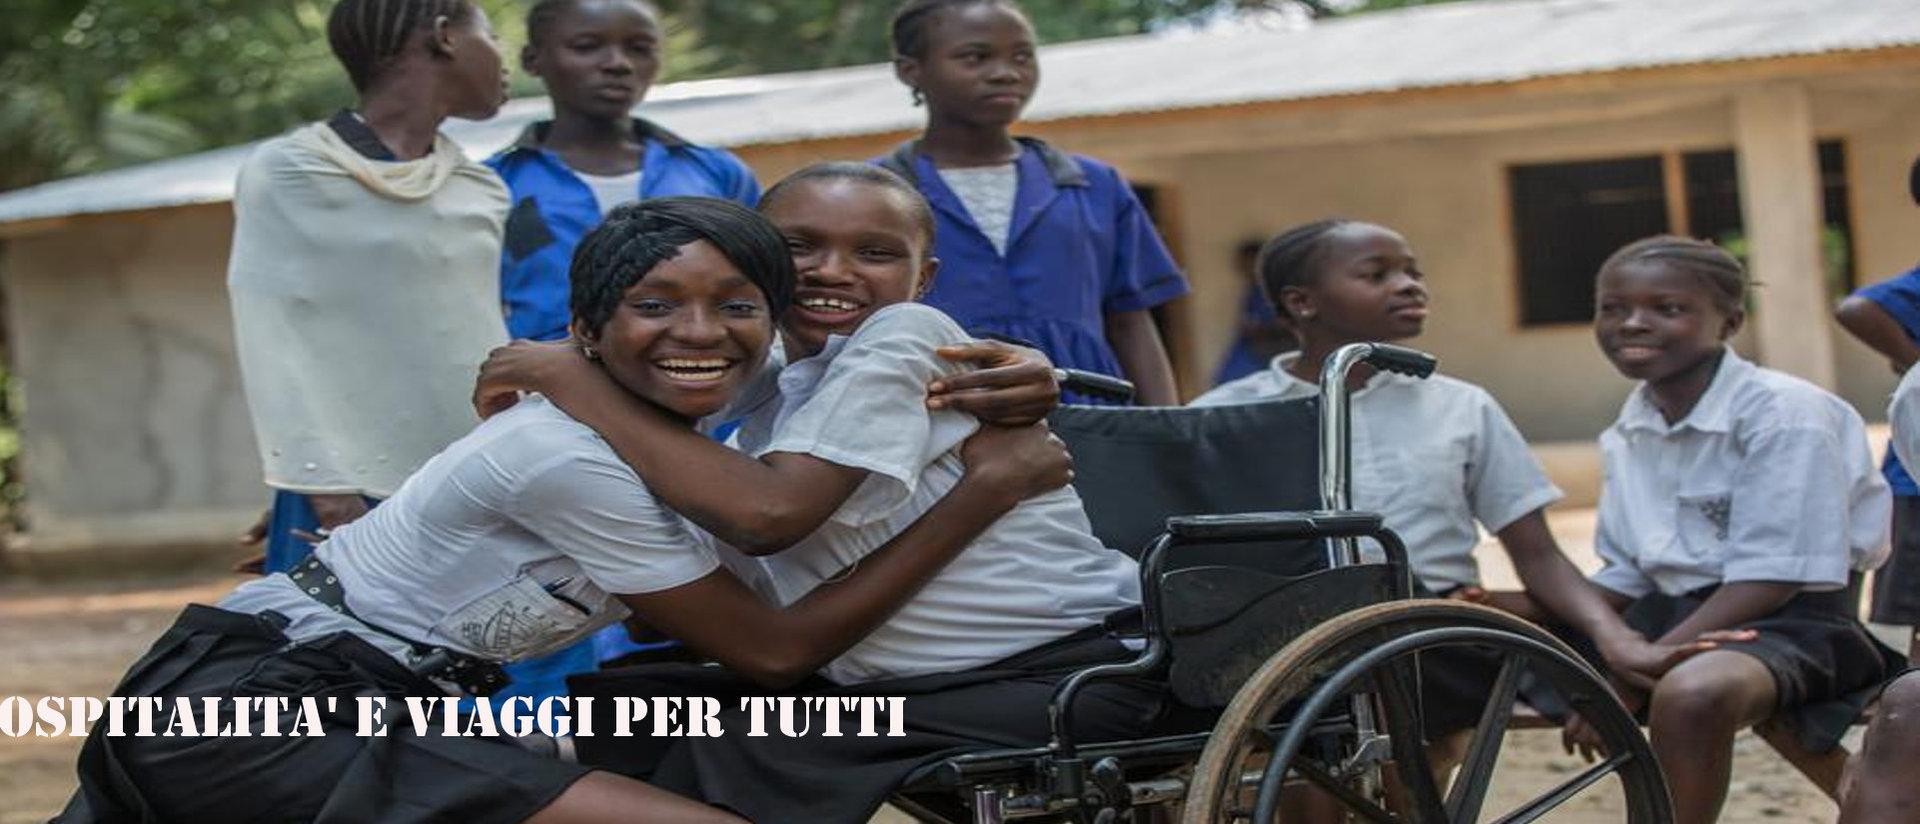 Viaggi Responsabili e Accessibili in tutto il mondo